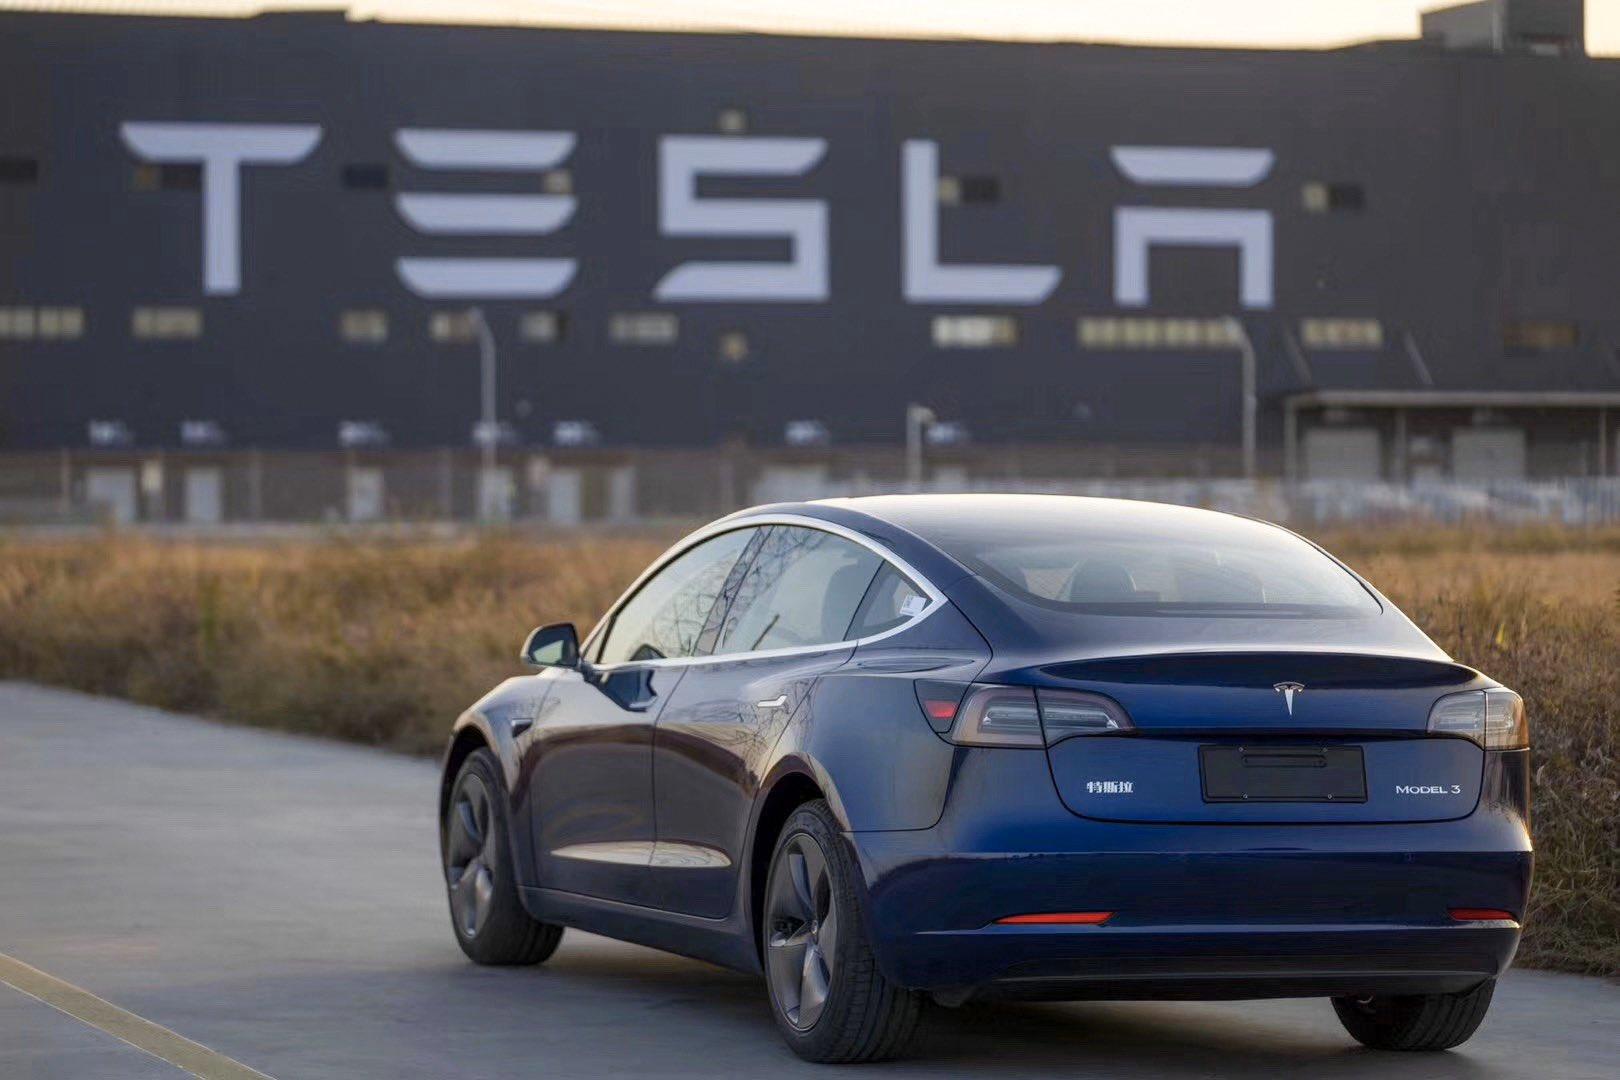 Тесла снижает Китай Модель 3 в связи с изменениями местных субсидий